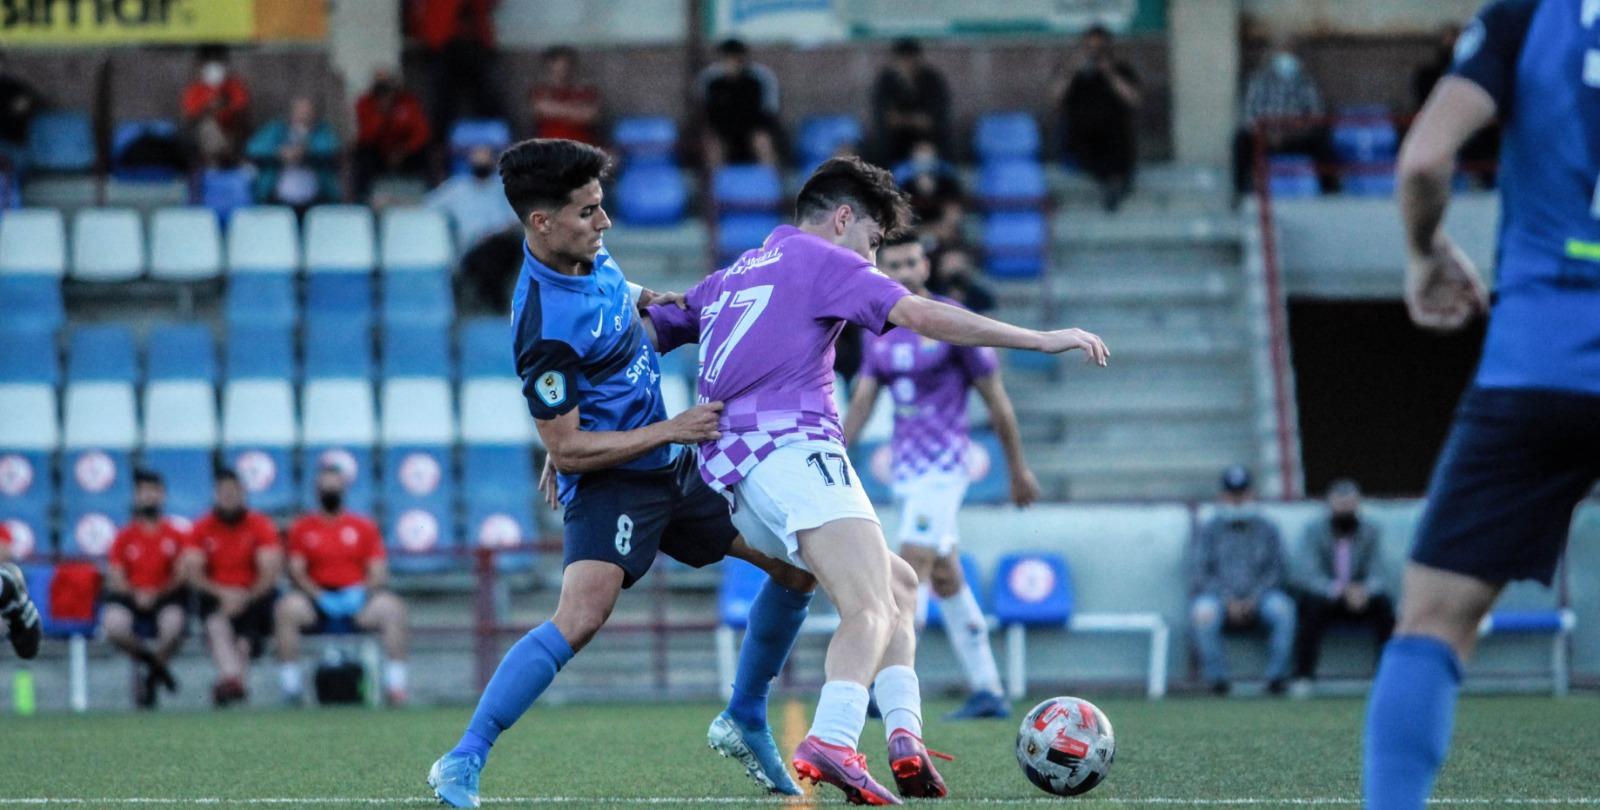 CF IGUALADA 0-1 UE FIGUERES